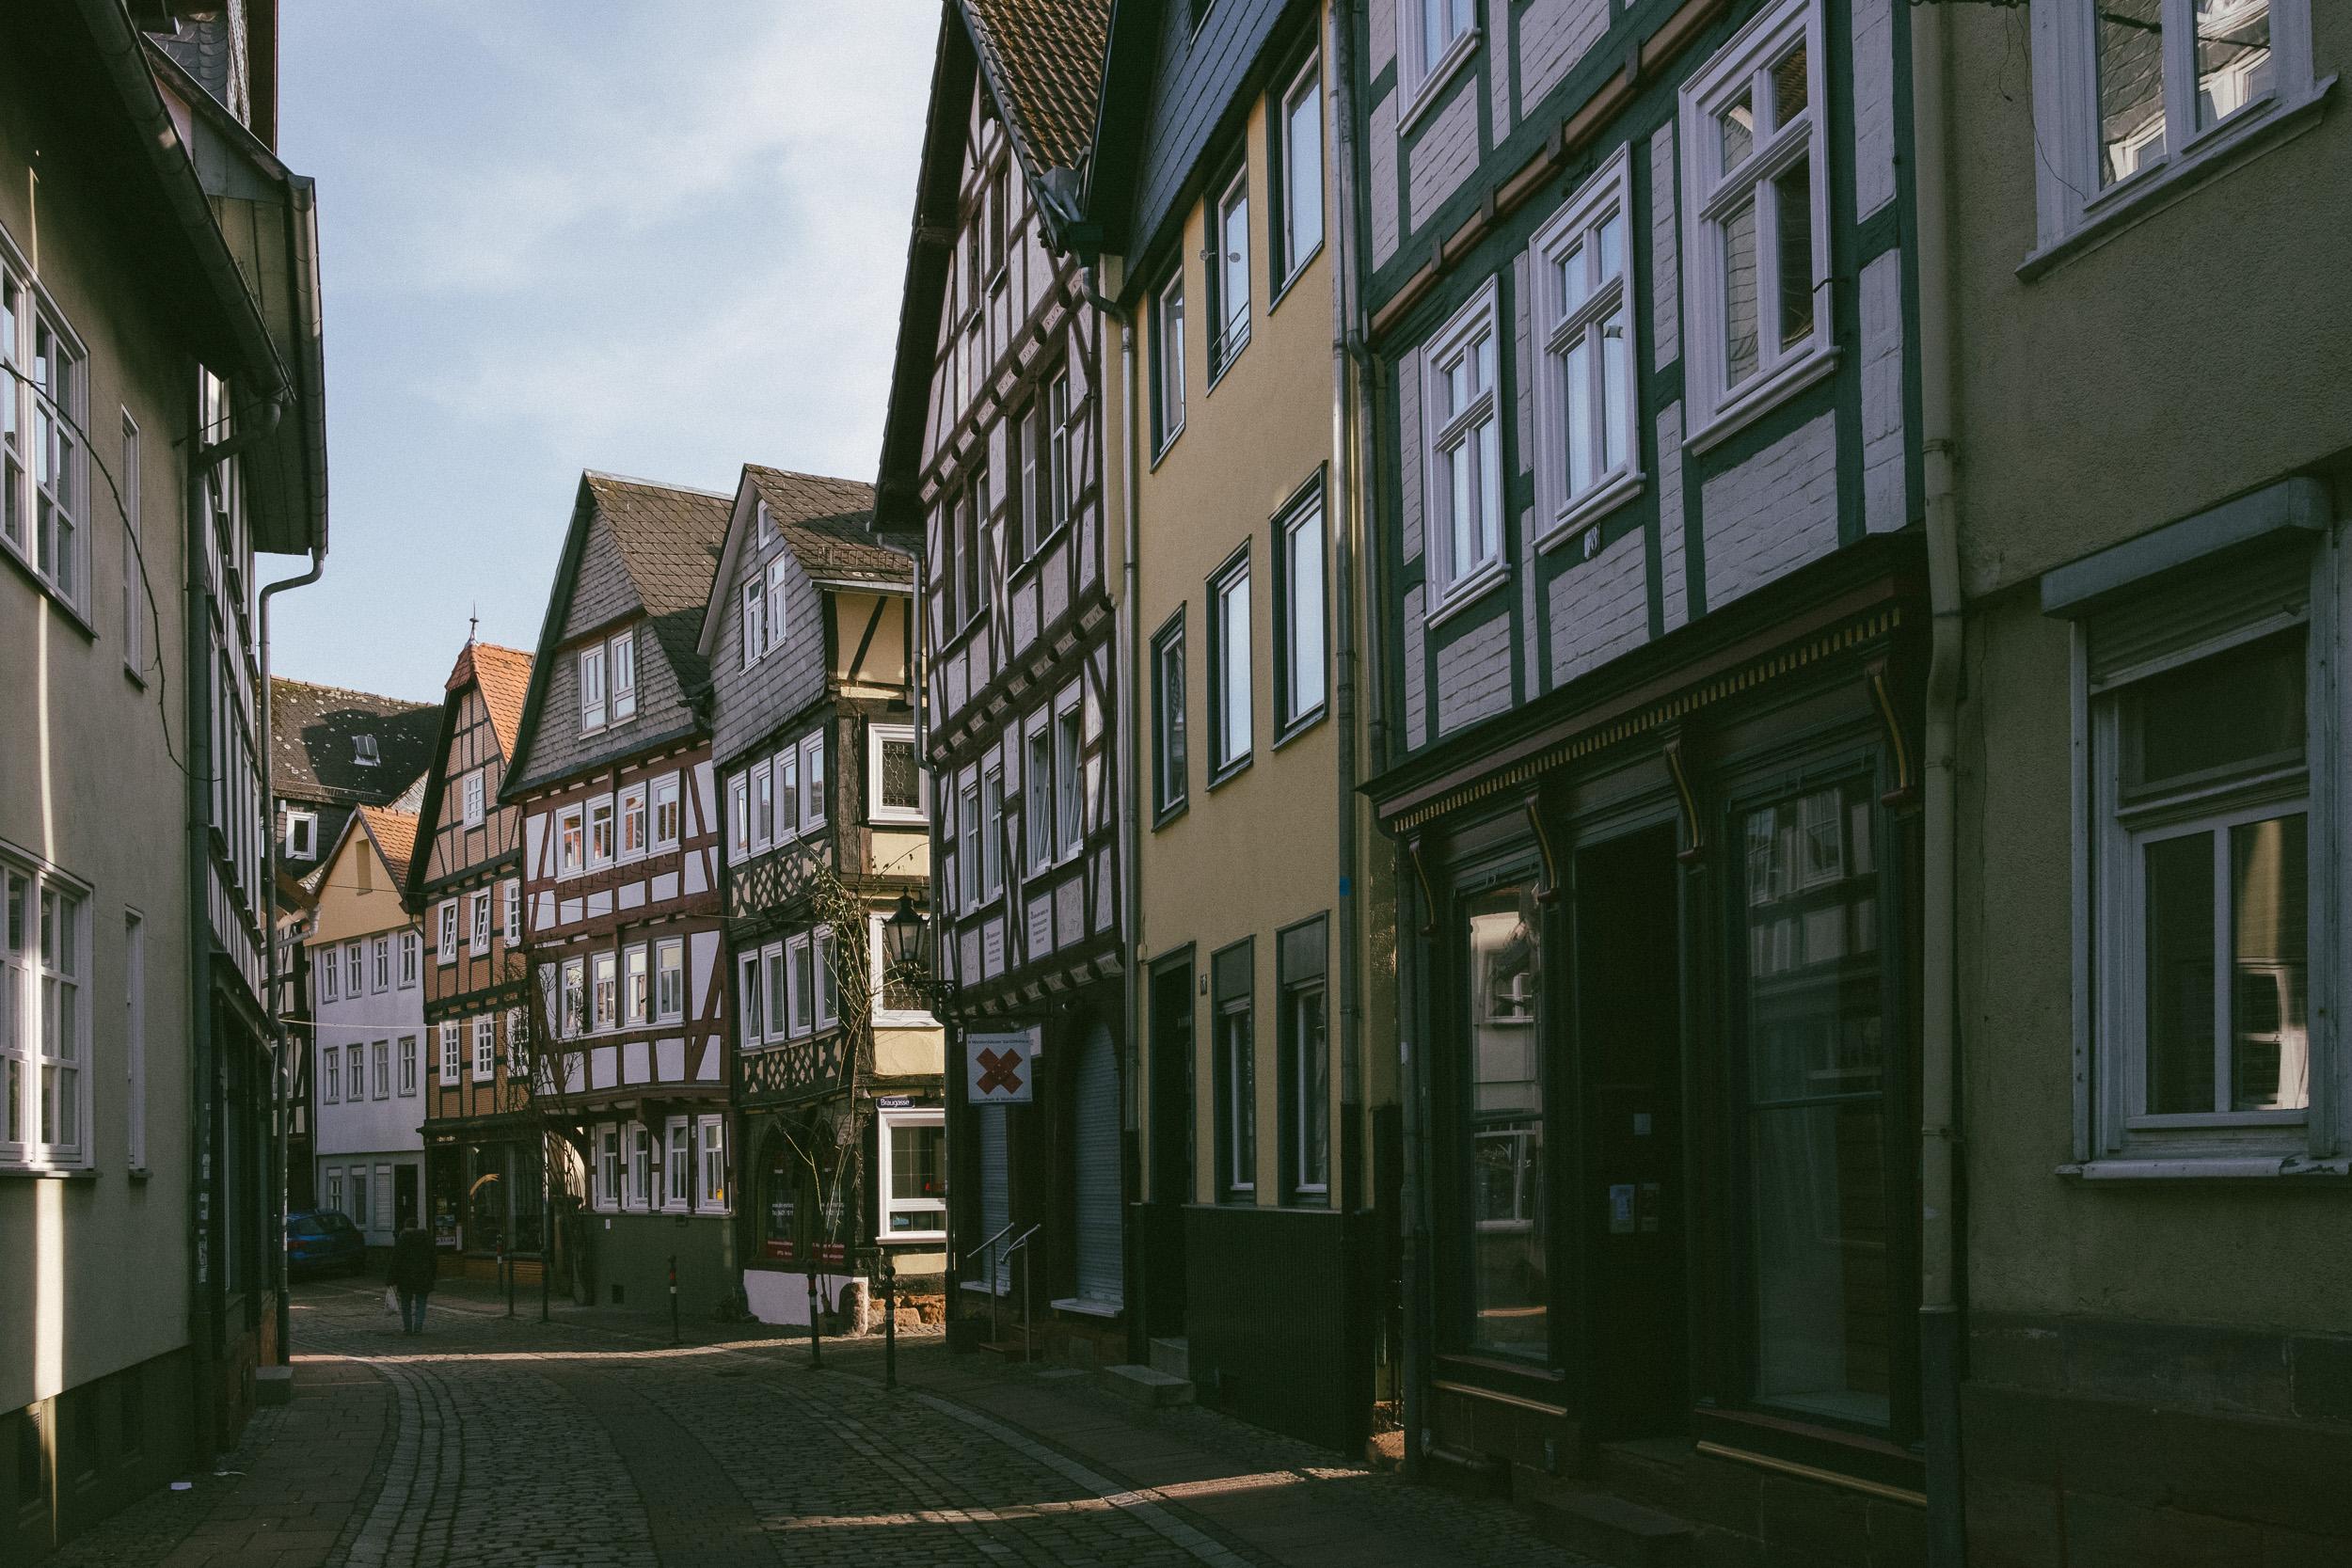 EH2025_Weidenhauser-Strasse-Marburg.jpg